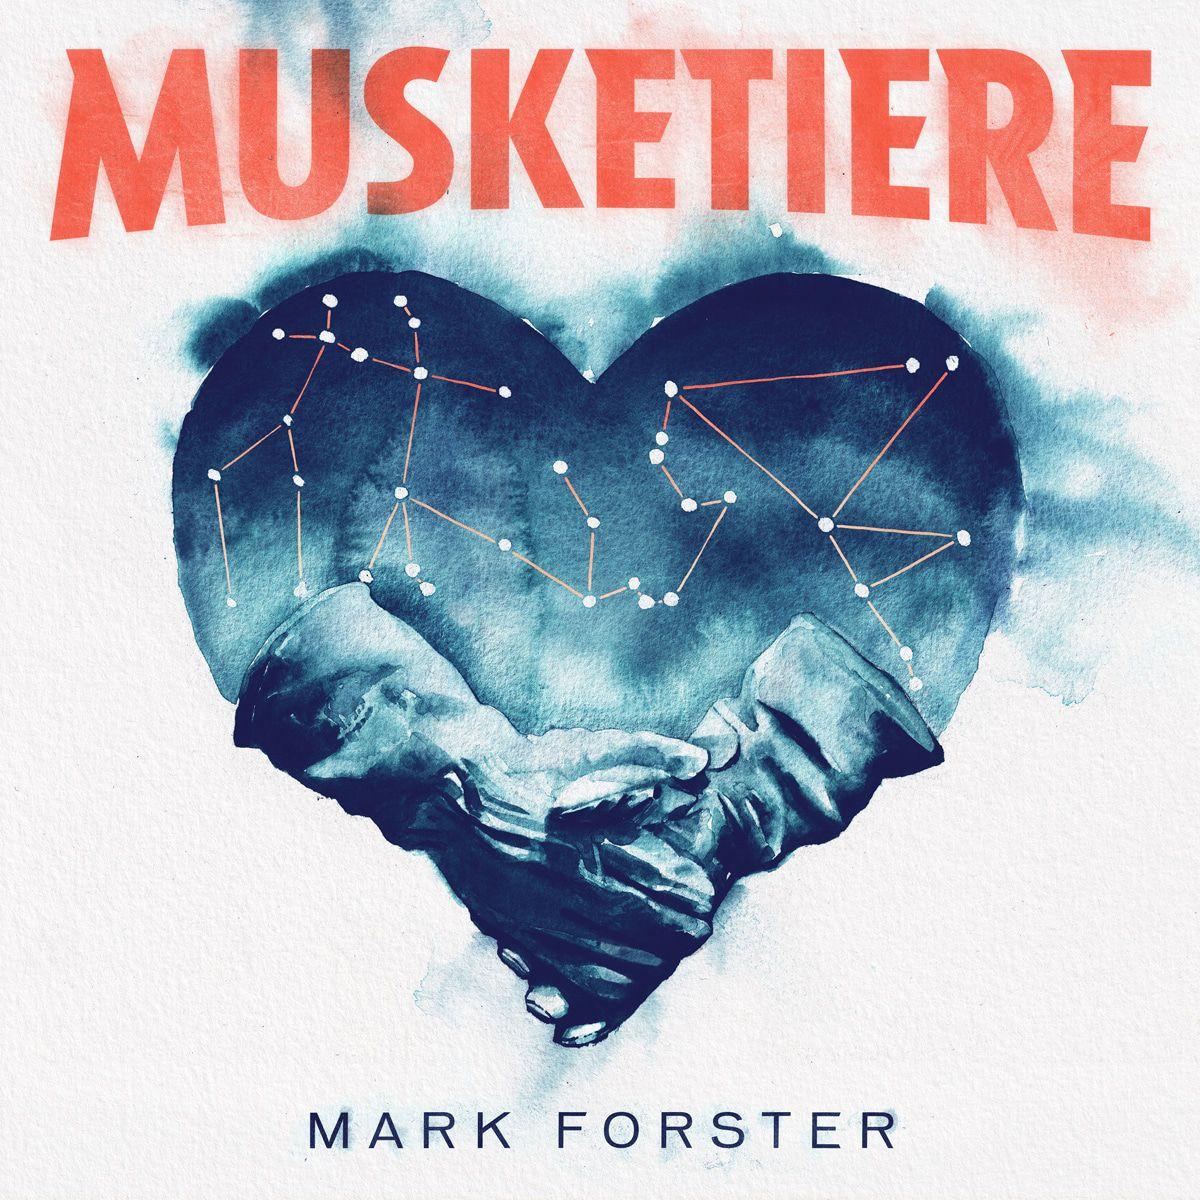 """Albumkritik: Mark Forsters """"Musketiere"""" - Geheimniskrämerei um private Geschichte"""